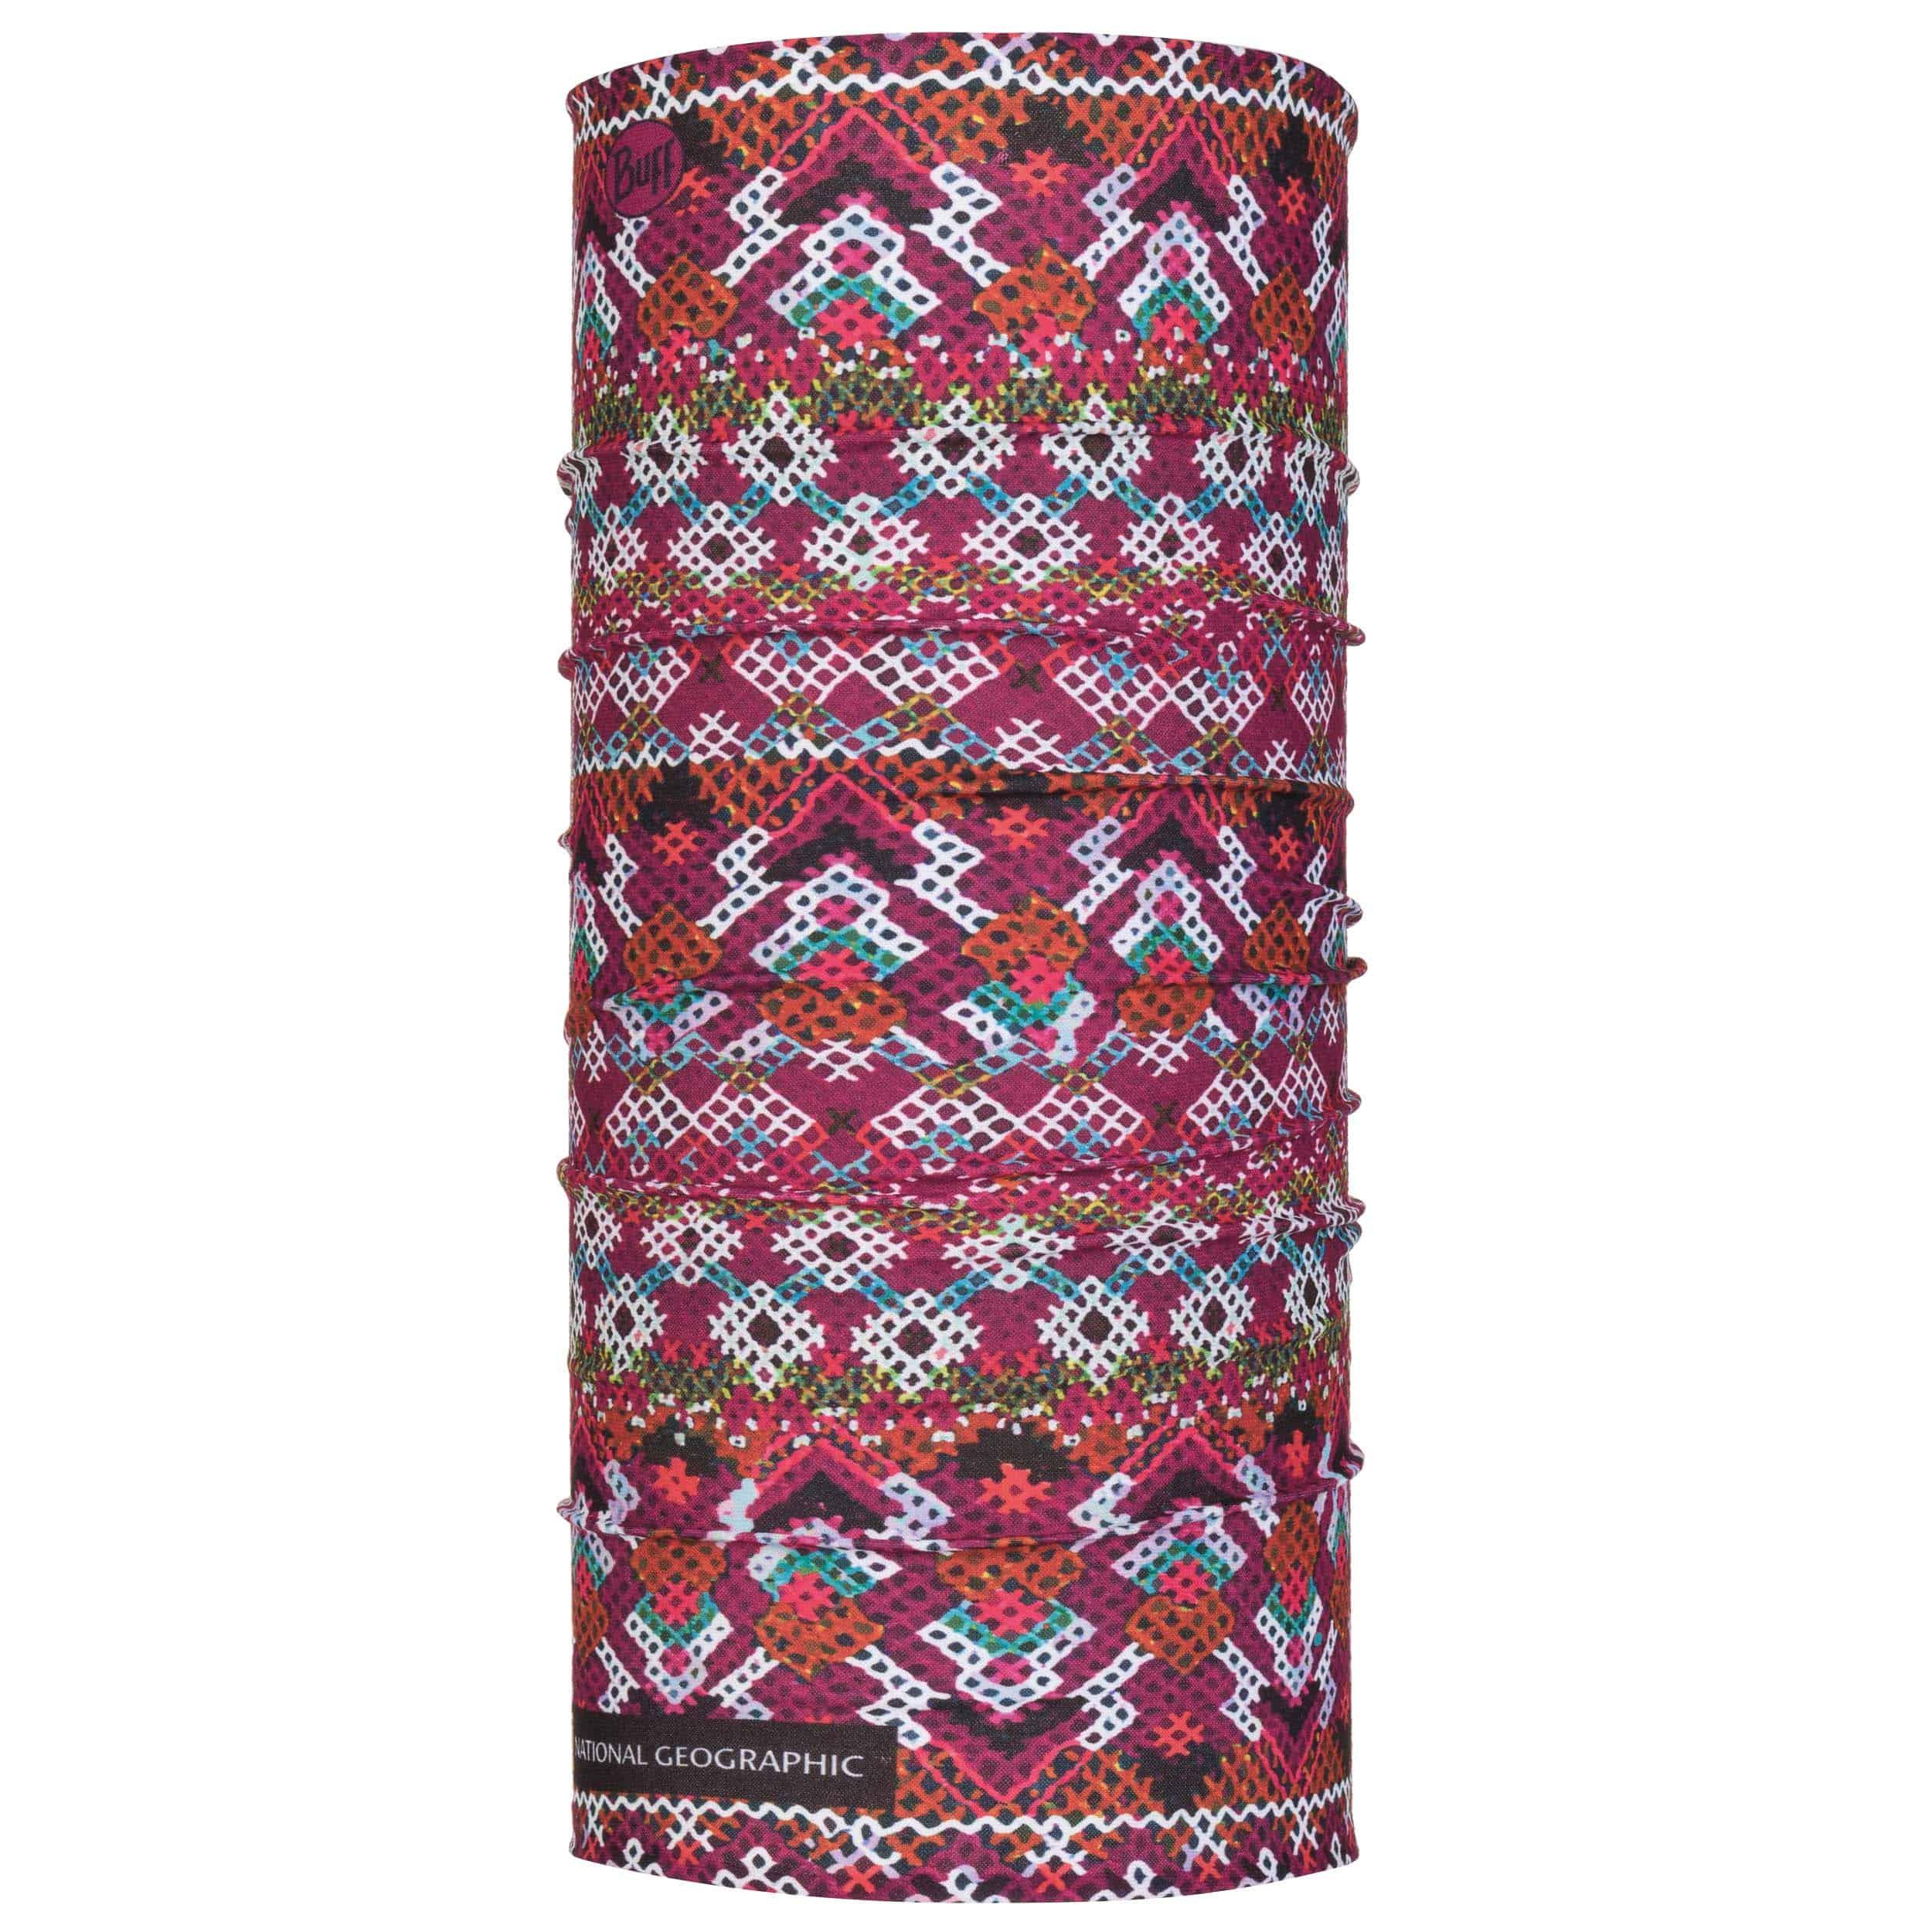 Eleganza 15,24 cm x 22,86 m Rollo de Tul Finesse de Purpurina de Color Dorado met/álico